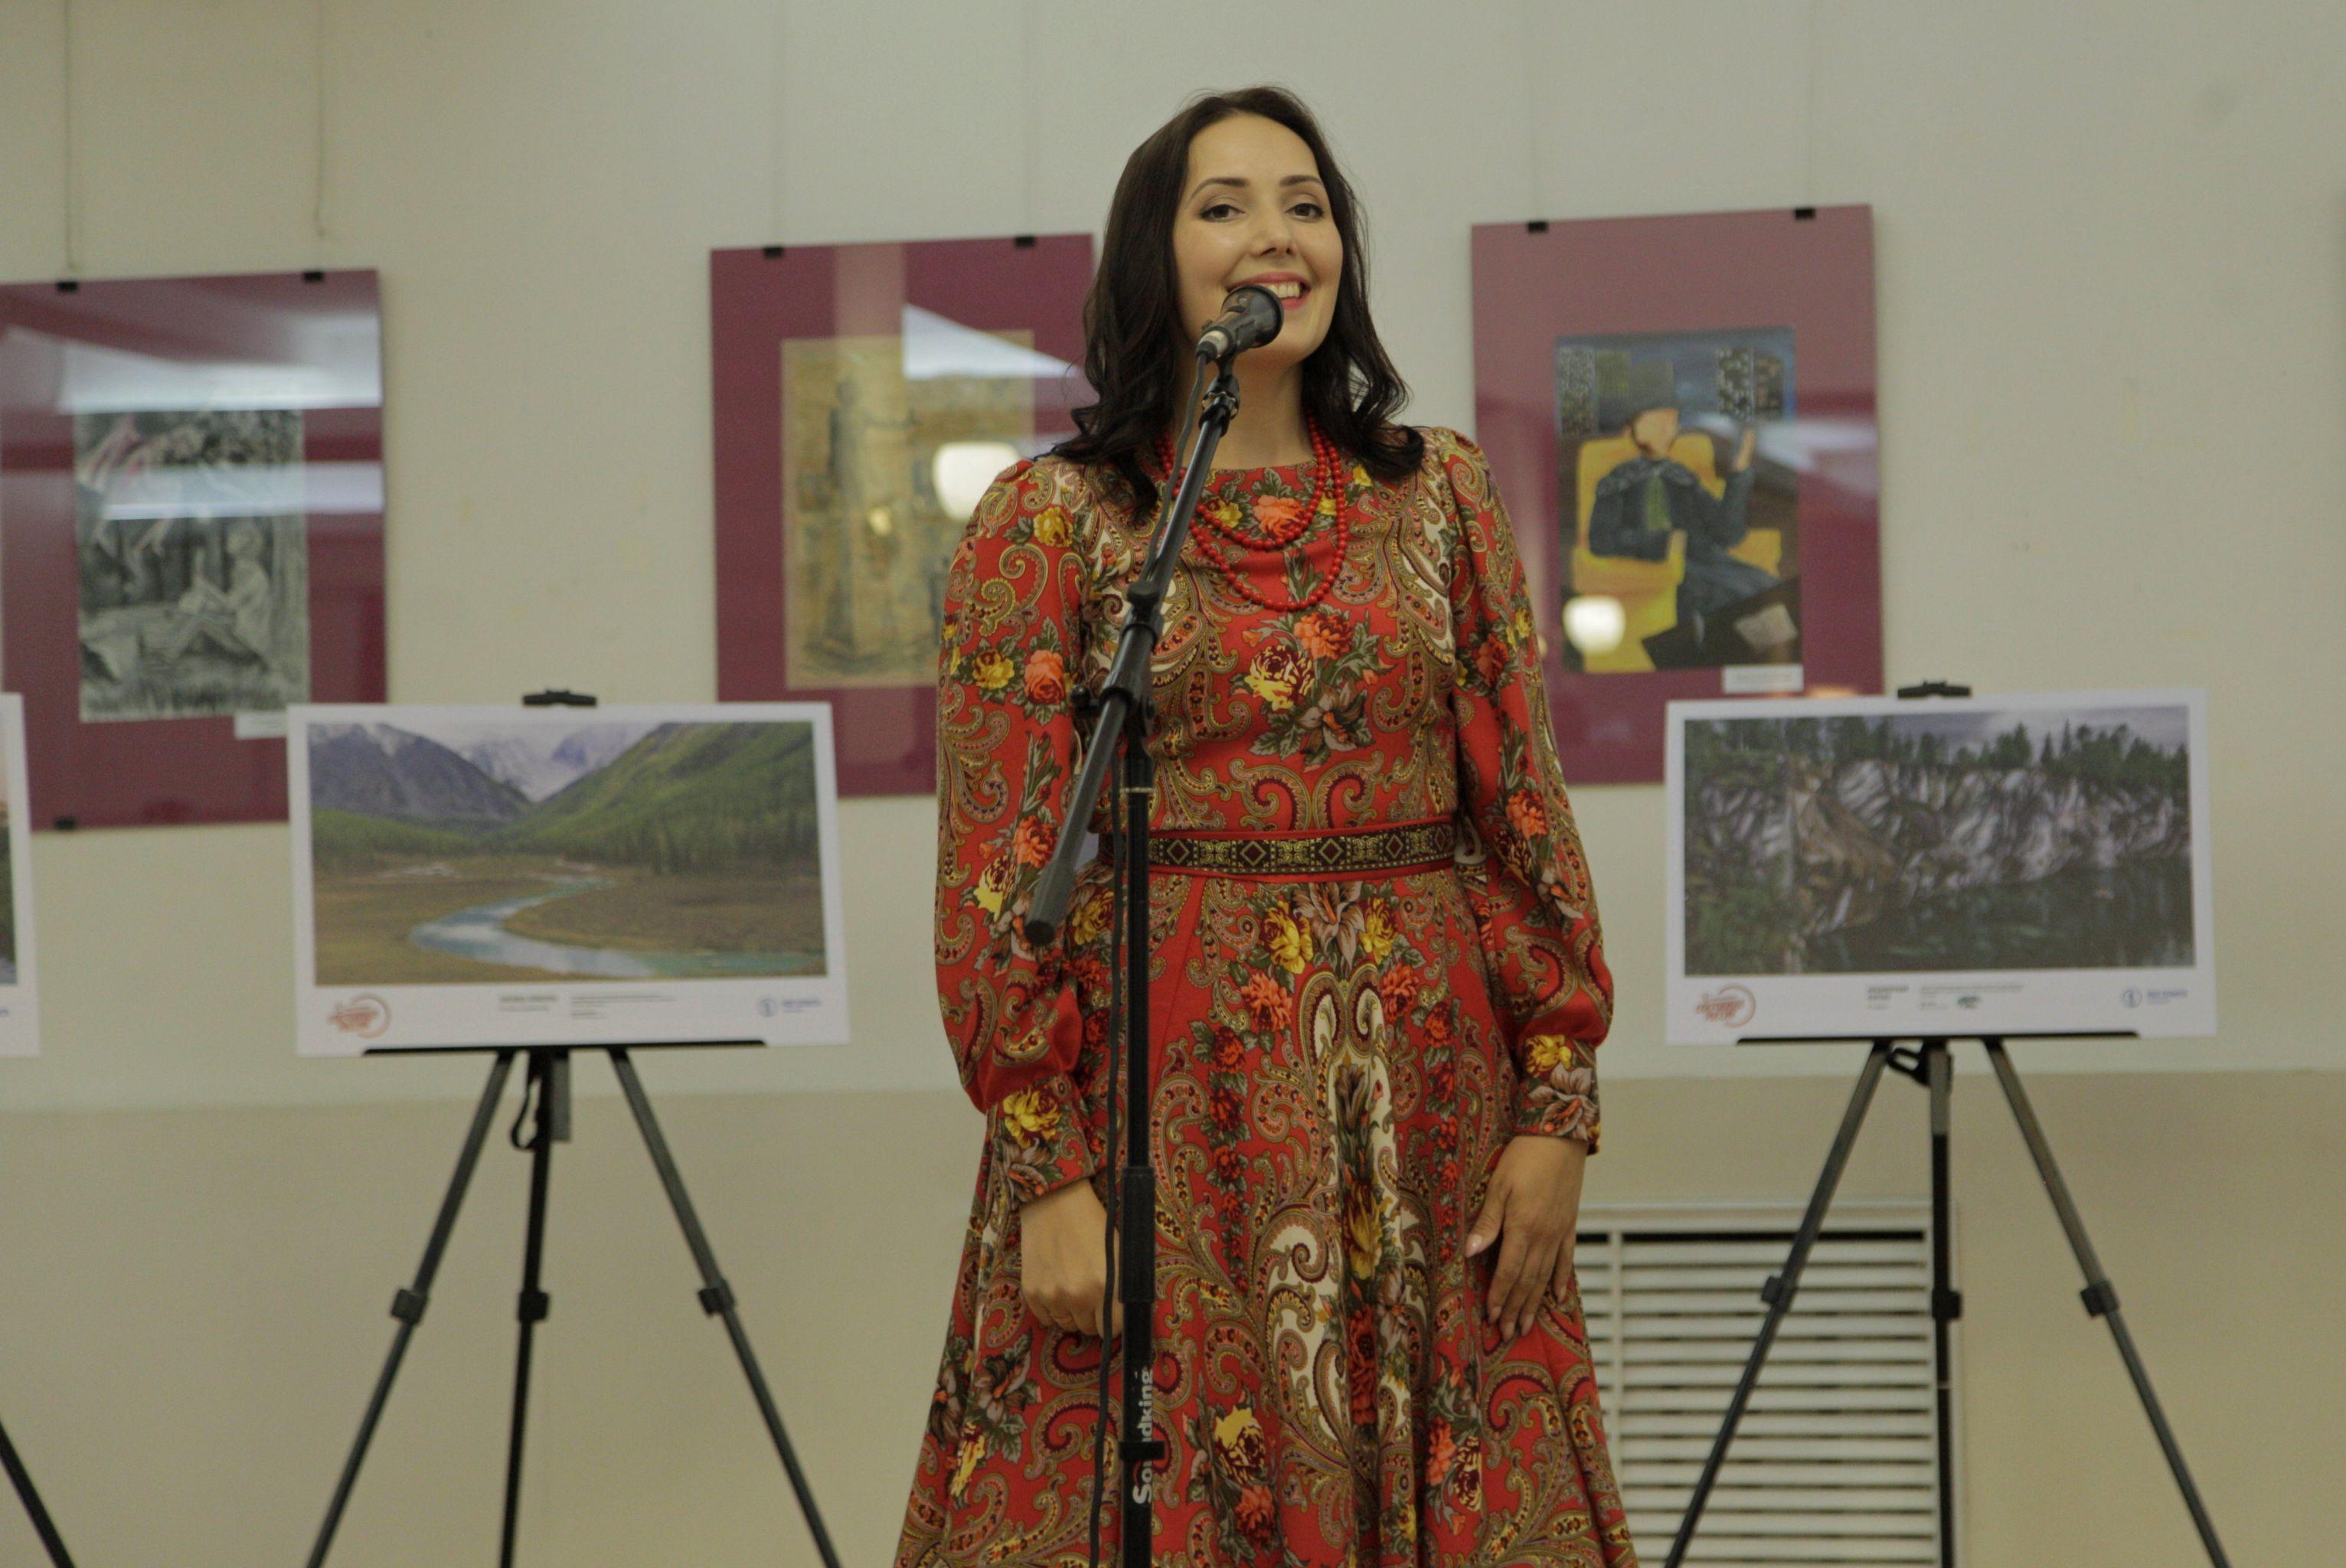 Лауреат международных и всероссийских конкурсов певица Наталья Николаева